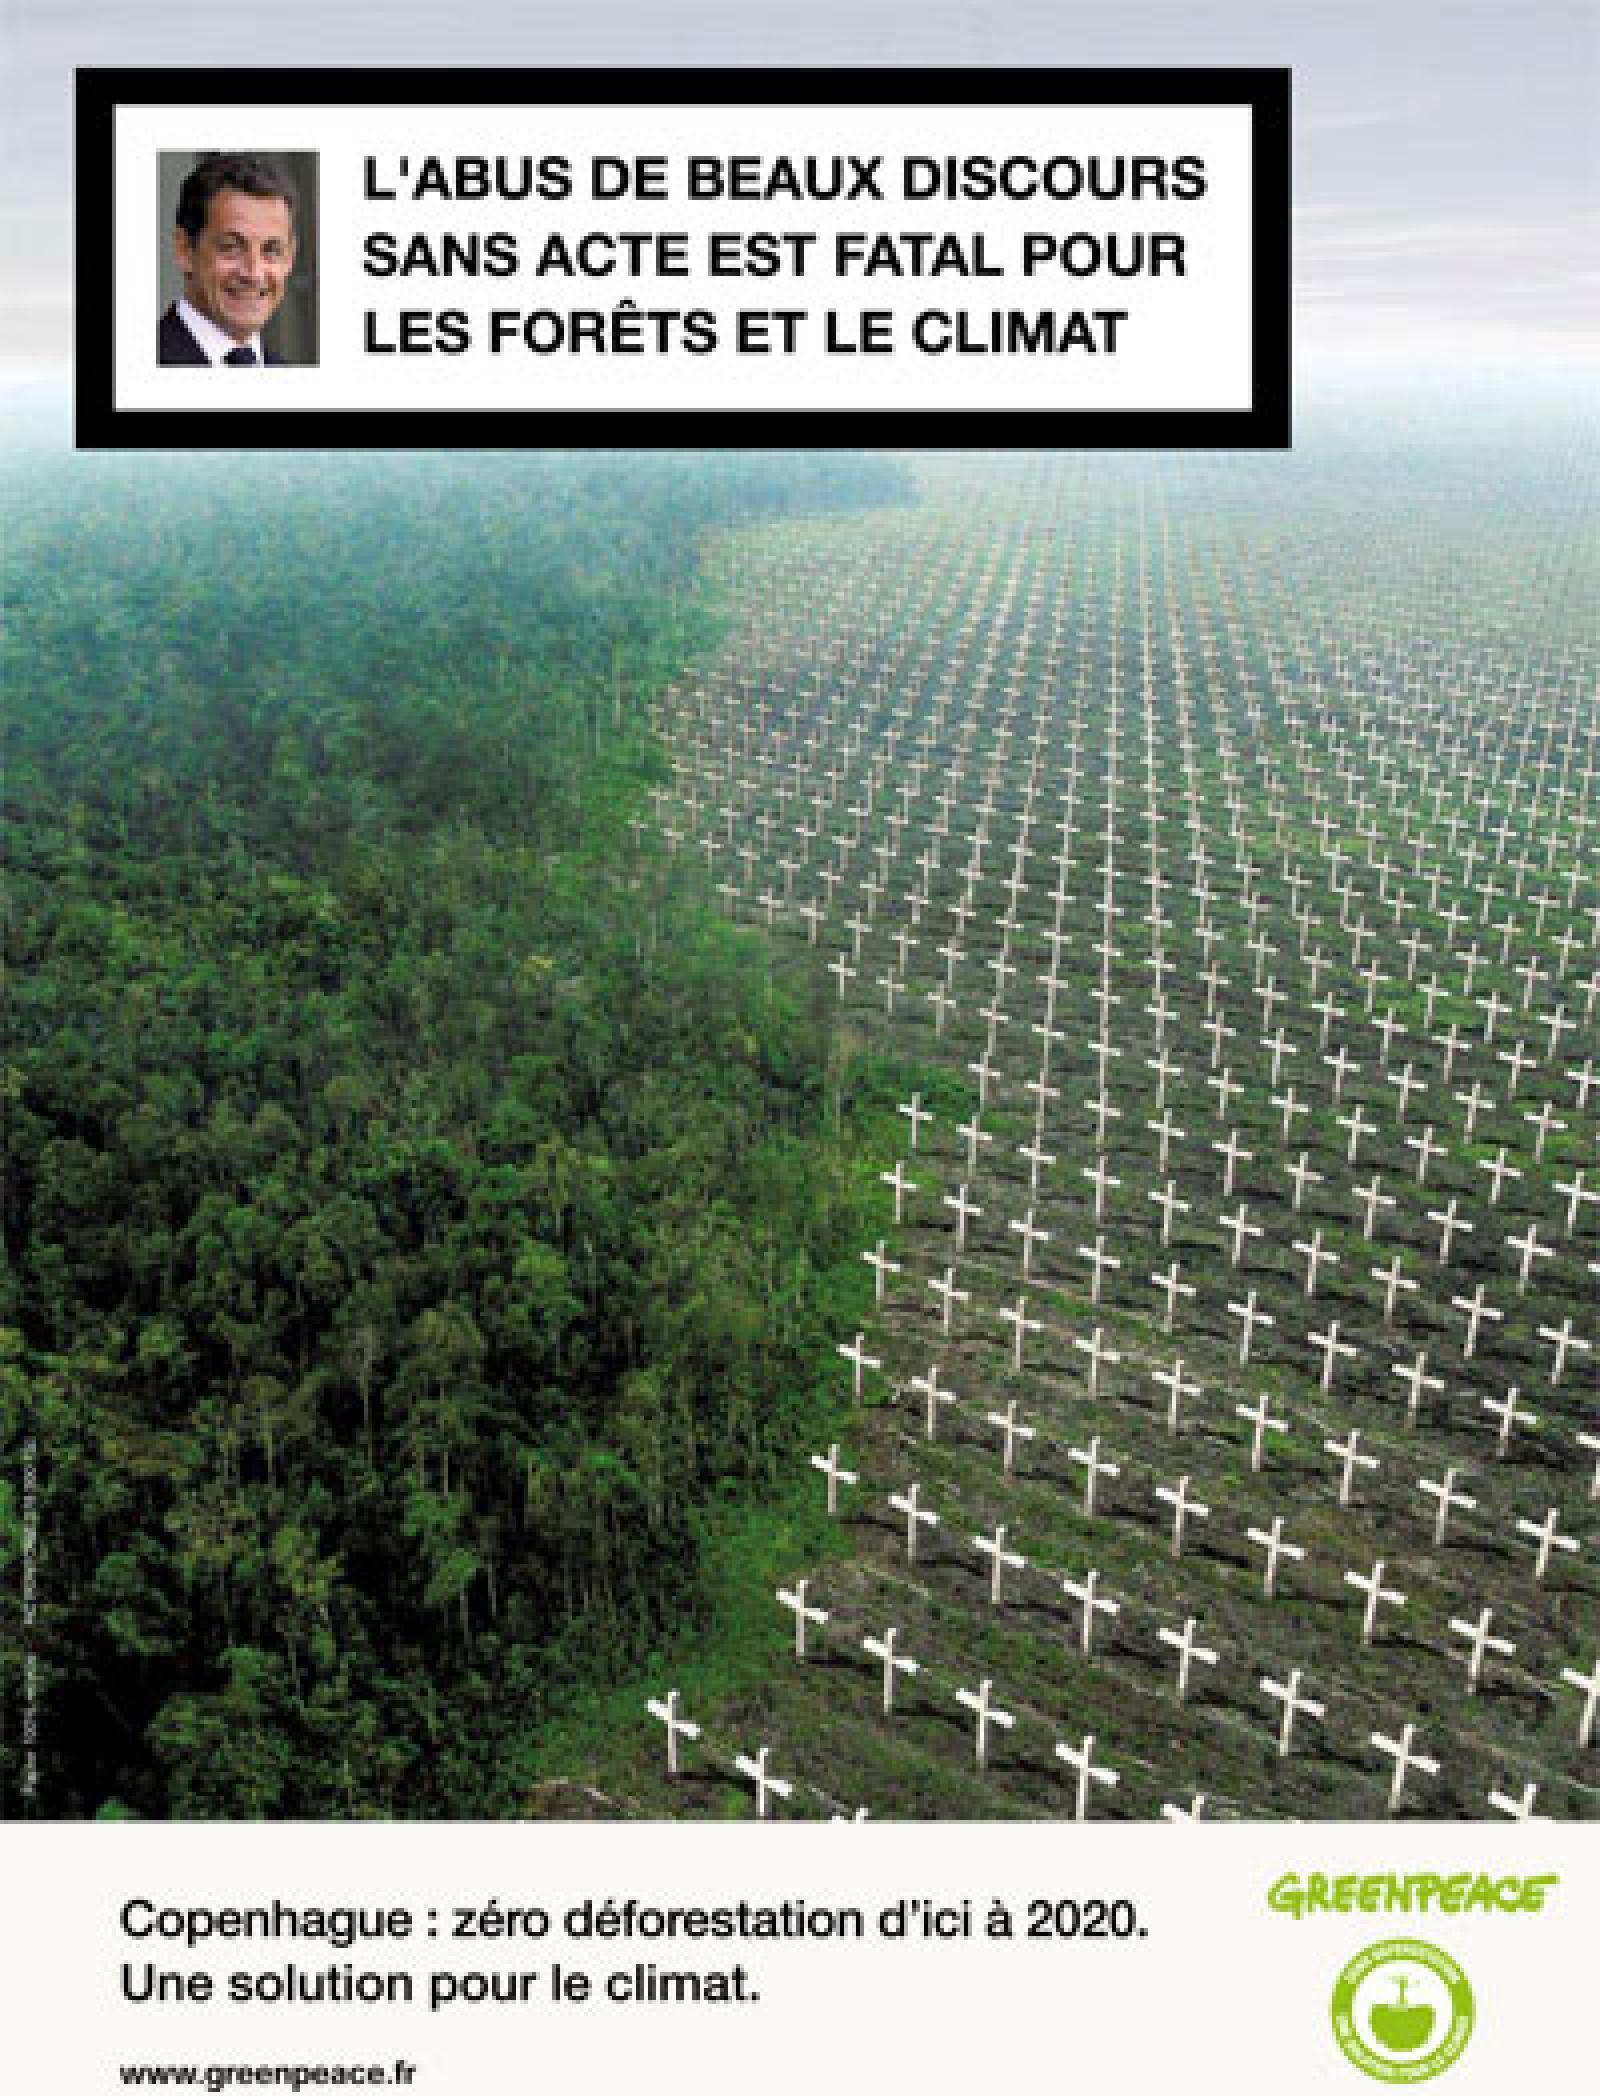 Top Greenpeace recouvre Paris d'affiches contre la déforestation  NI25